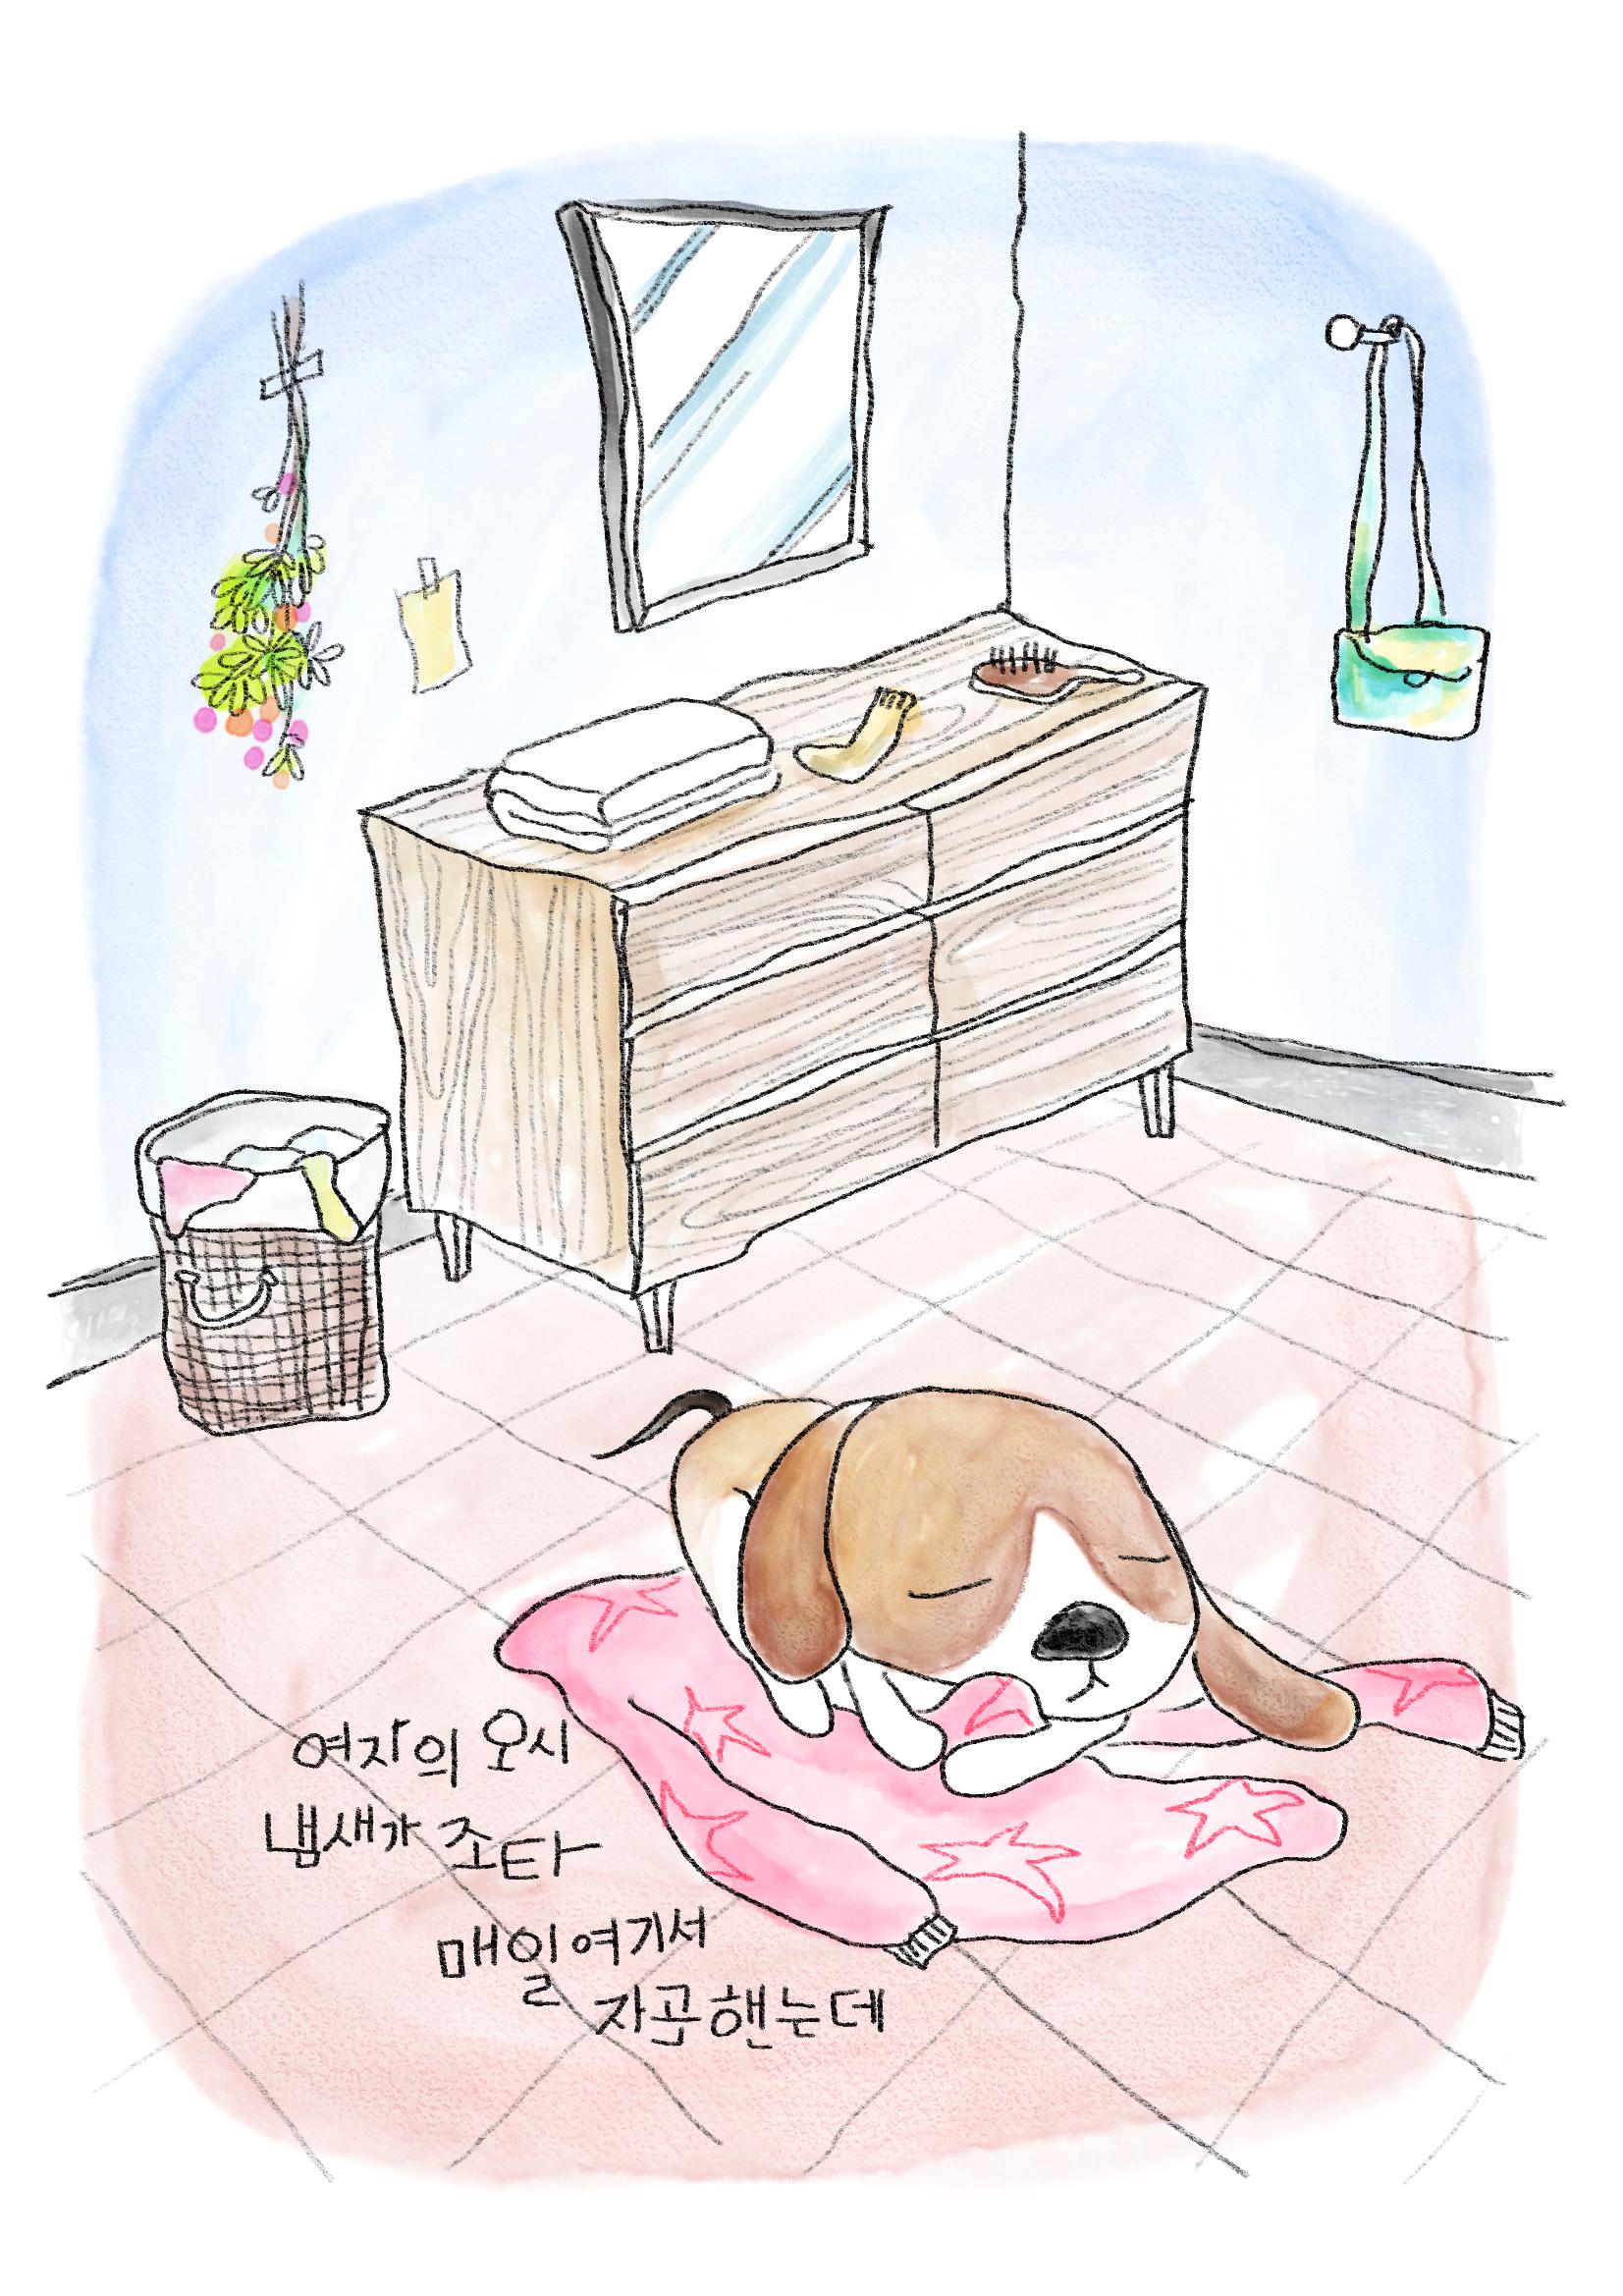 (여자의 옷이 냄새가 좋다, 매일 여기서 자곤 했는데.)